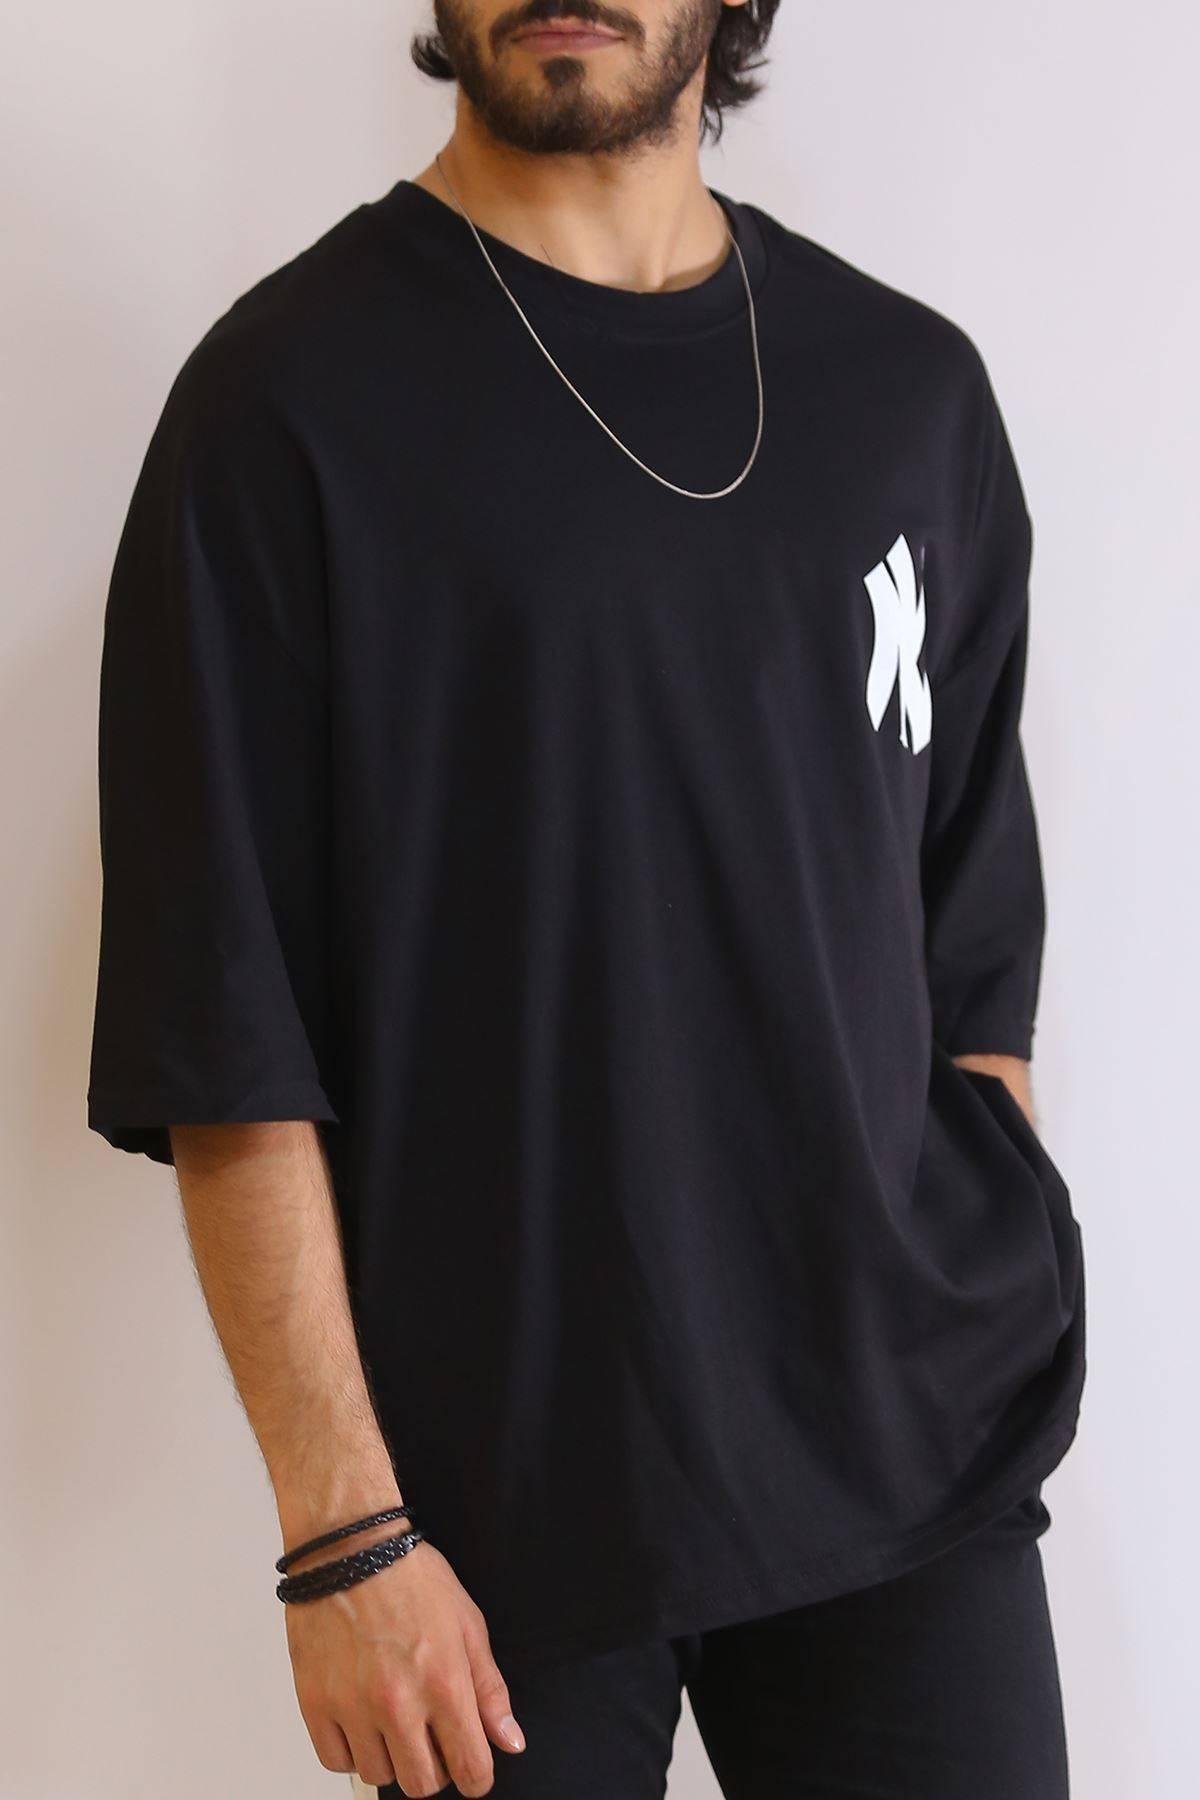 Arkası Baskılı Tişört Siyah - 6201.1377.